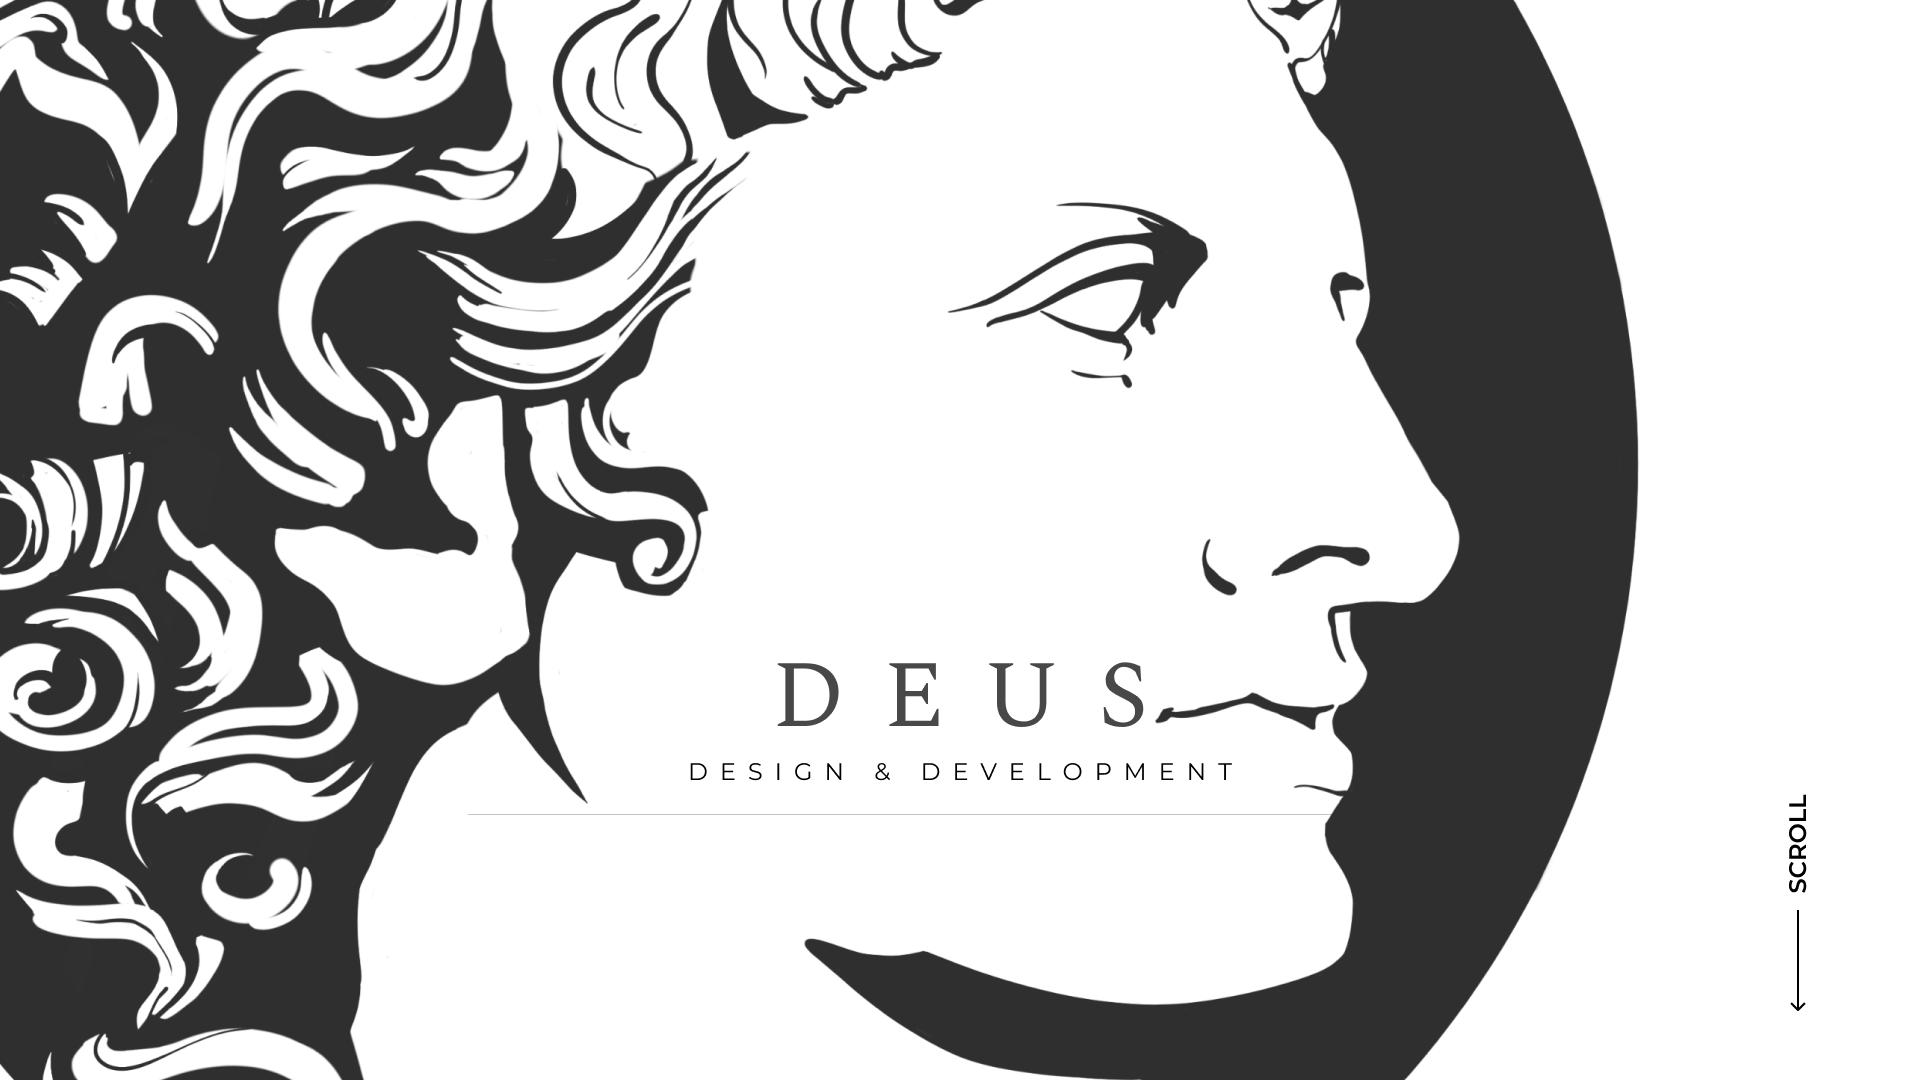 Разработка дизайн-проекта для сайта веб-агенства DEUS